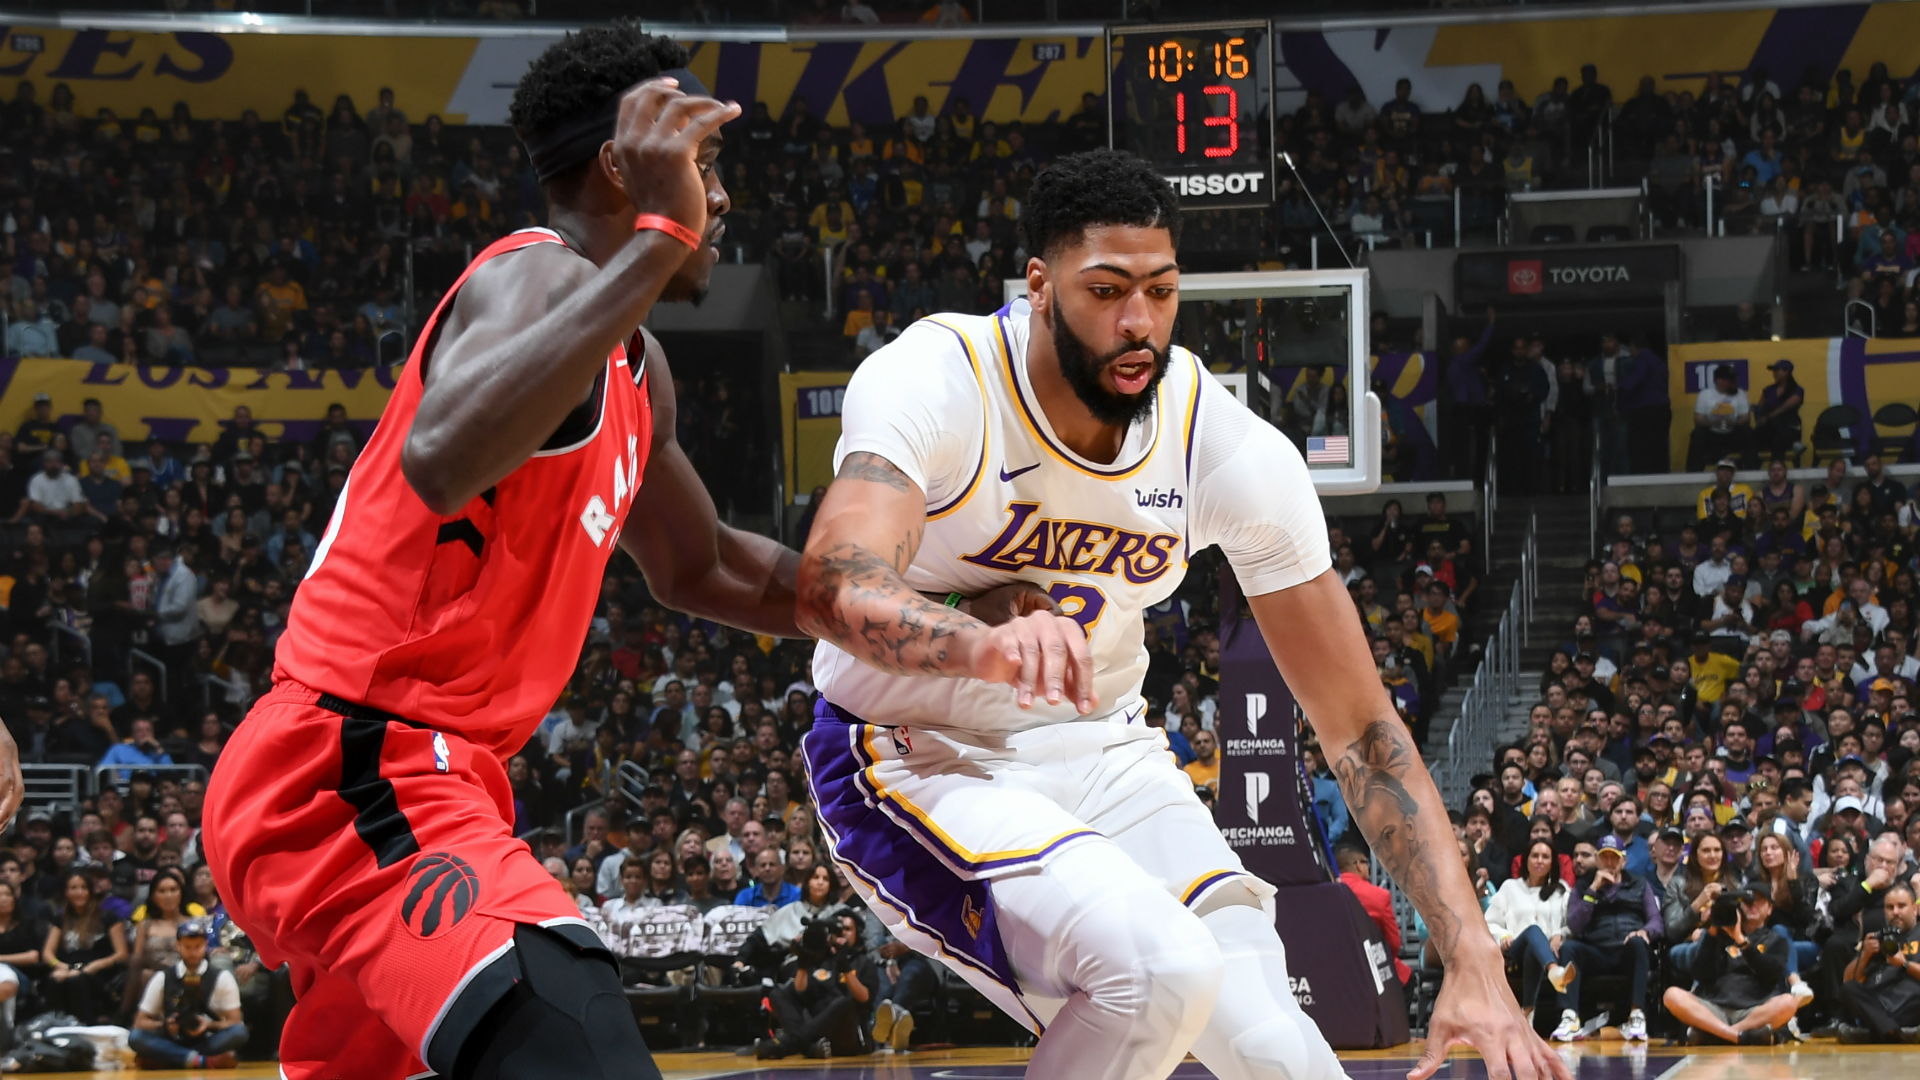 Raptors @ Lakers